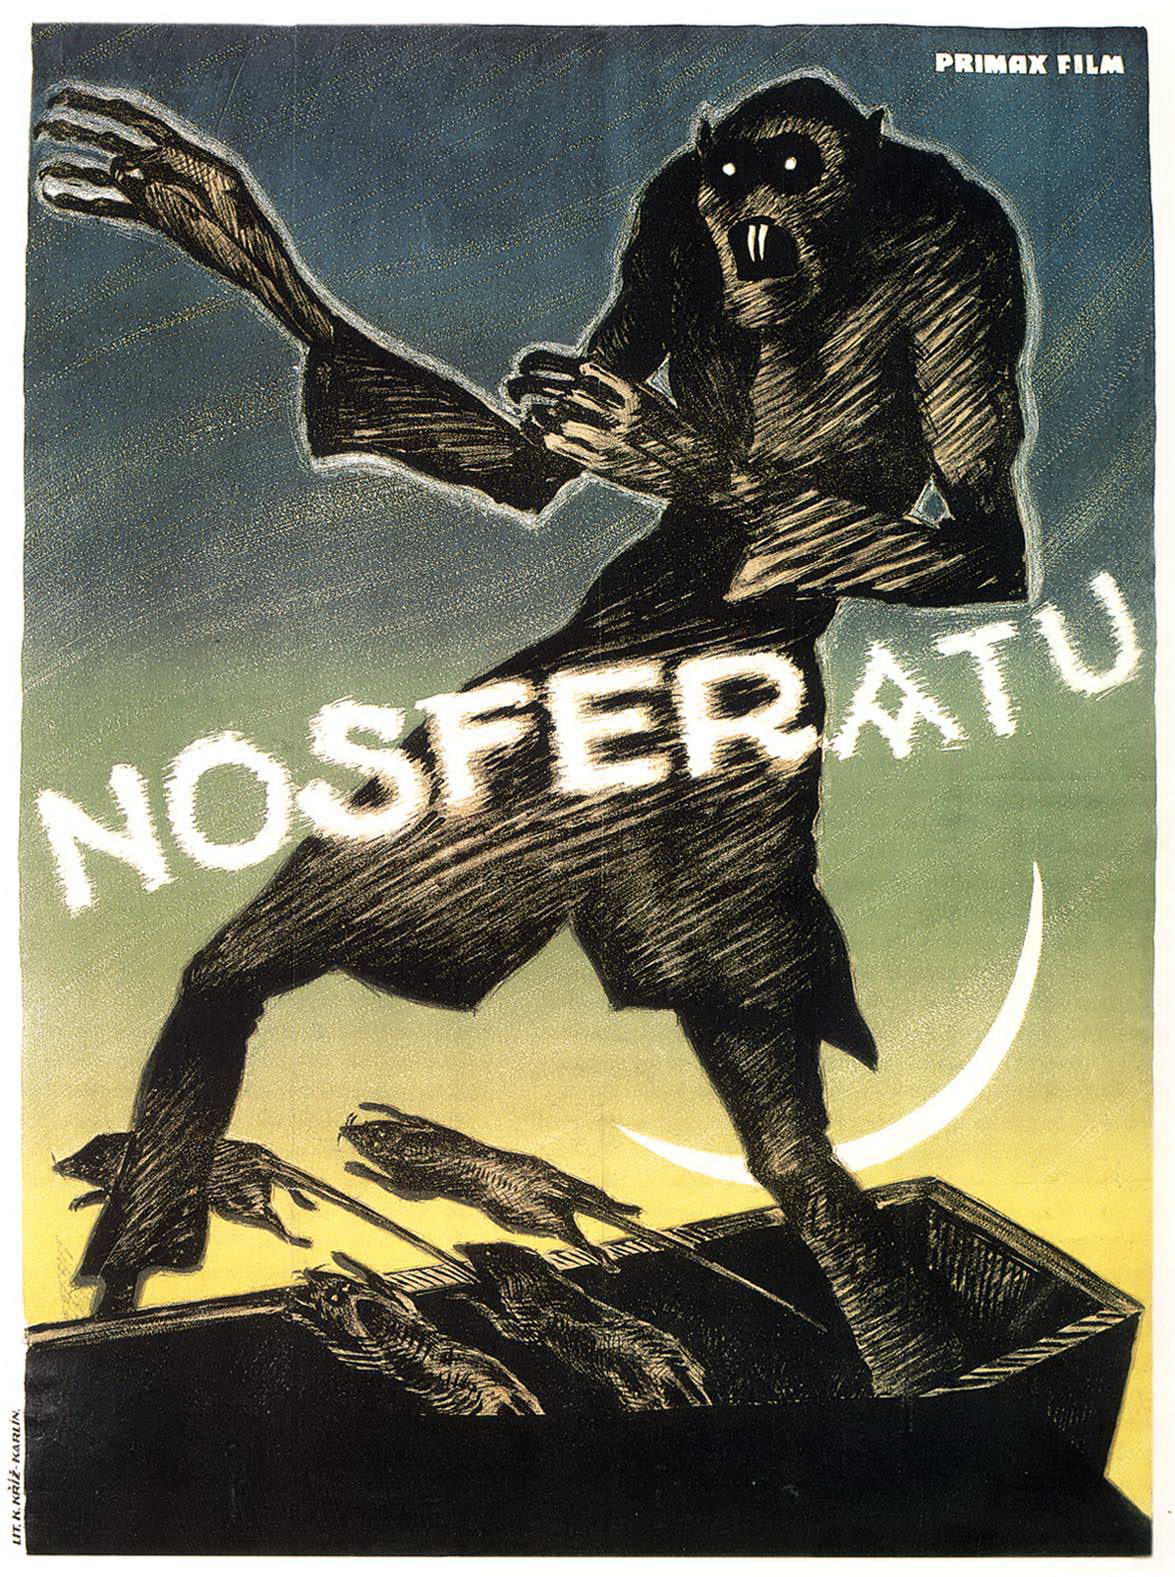 Nosferatu (1922) - poster